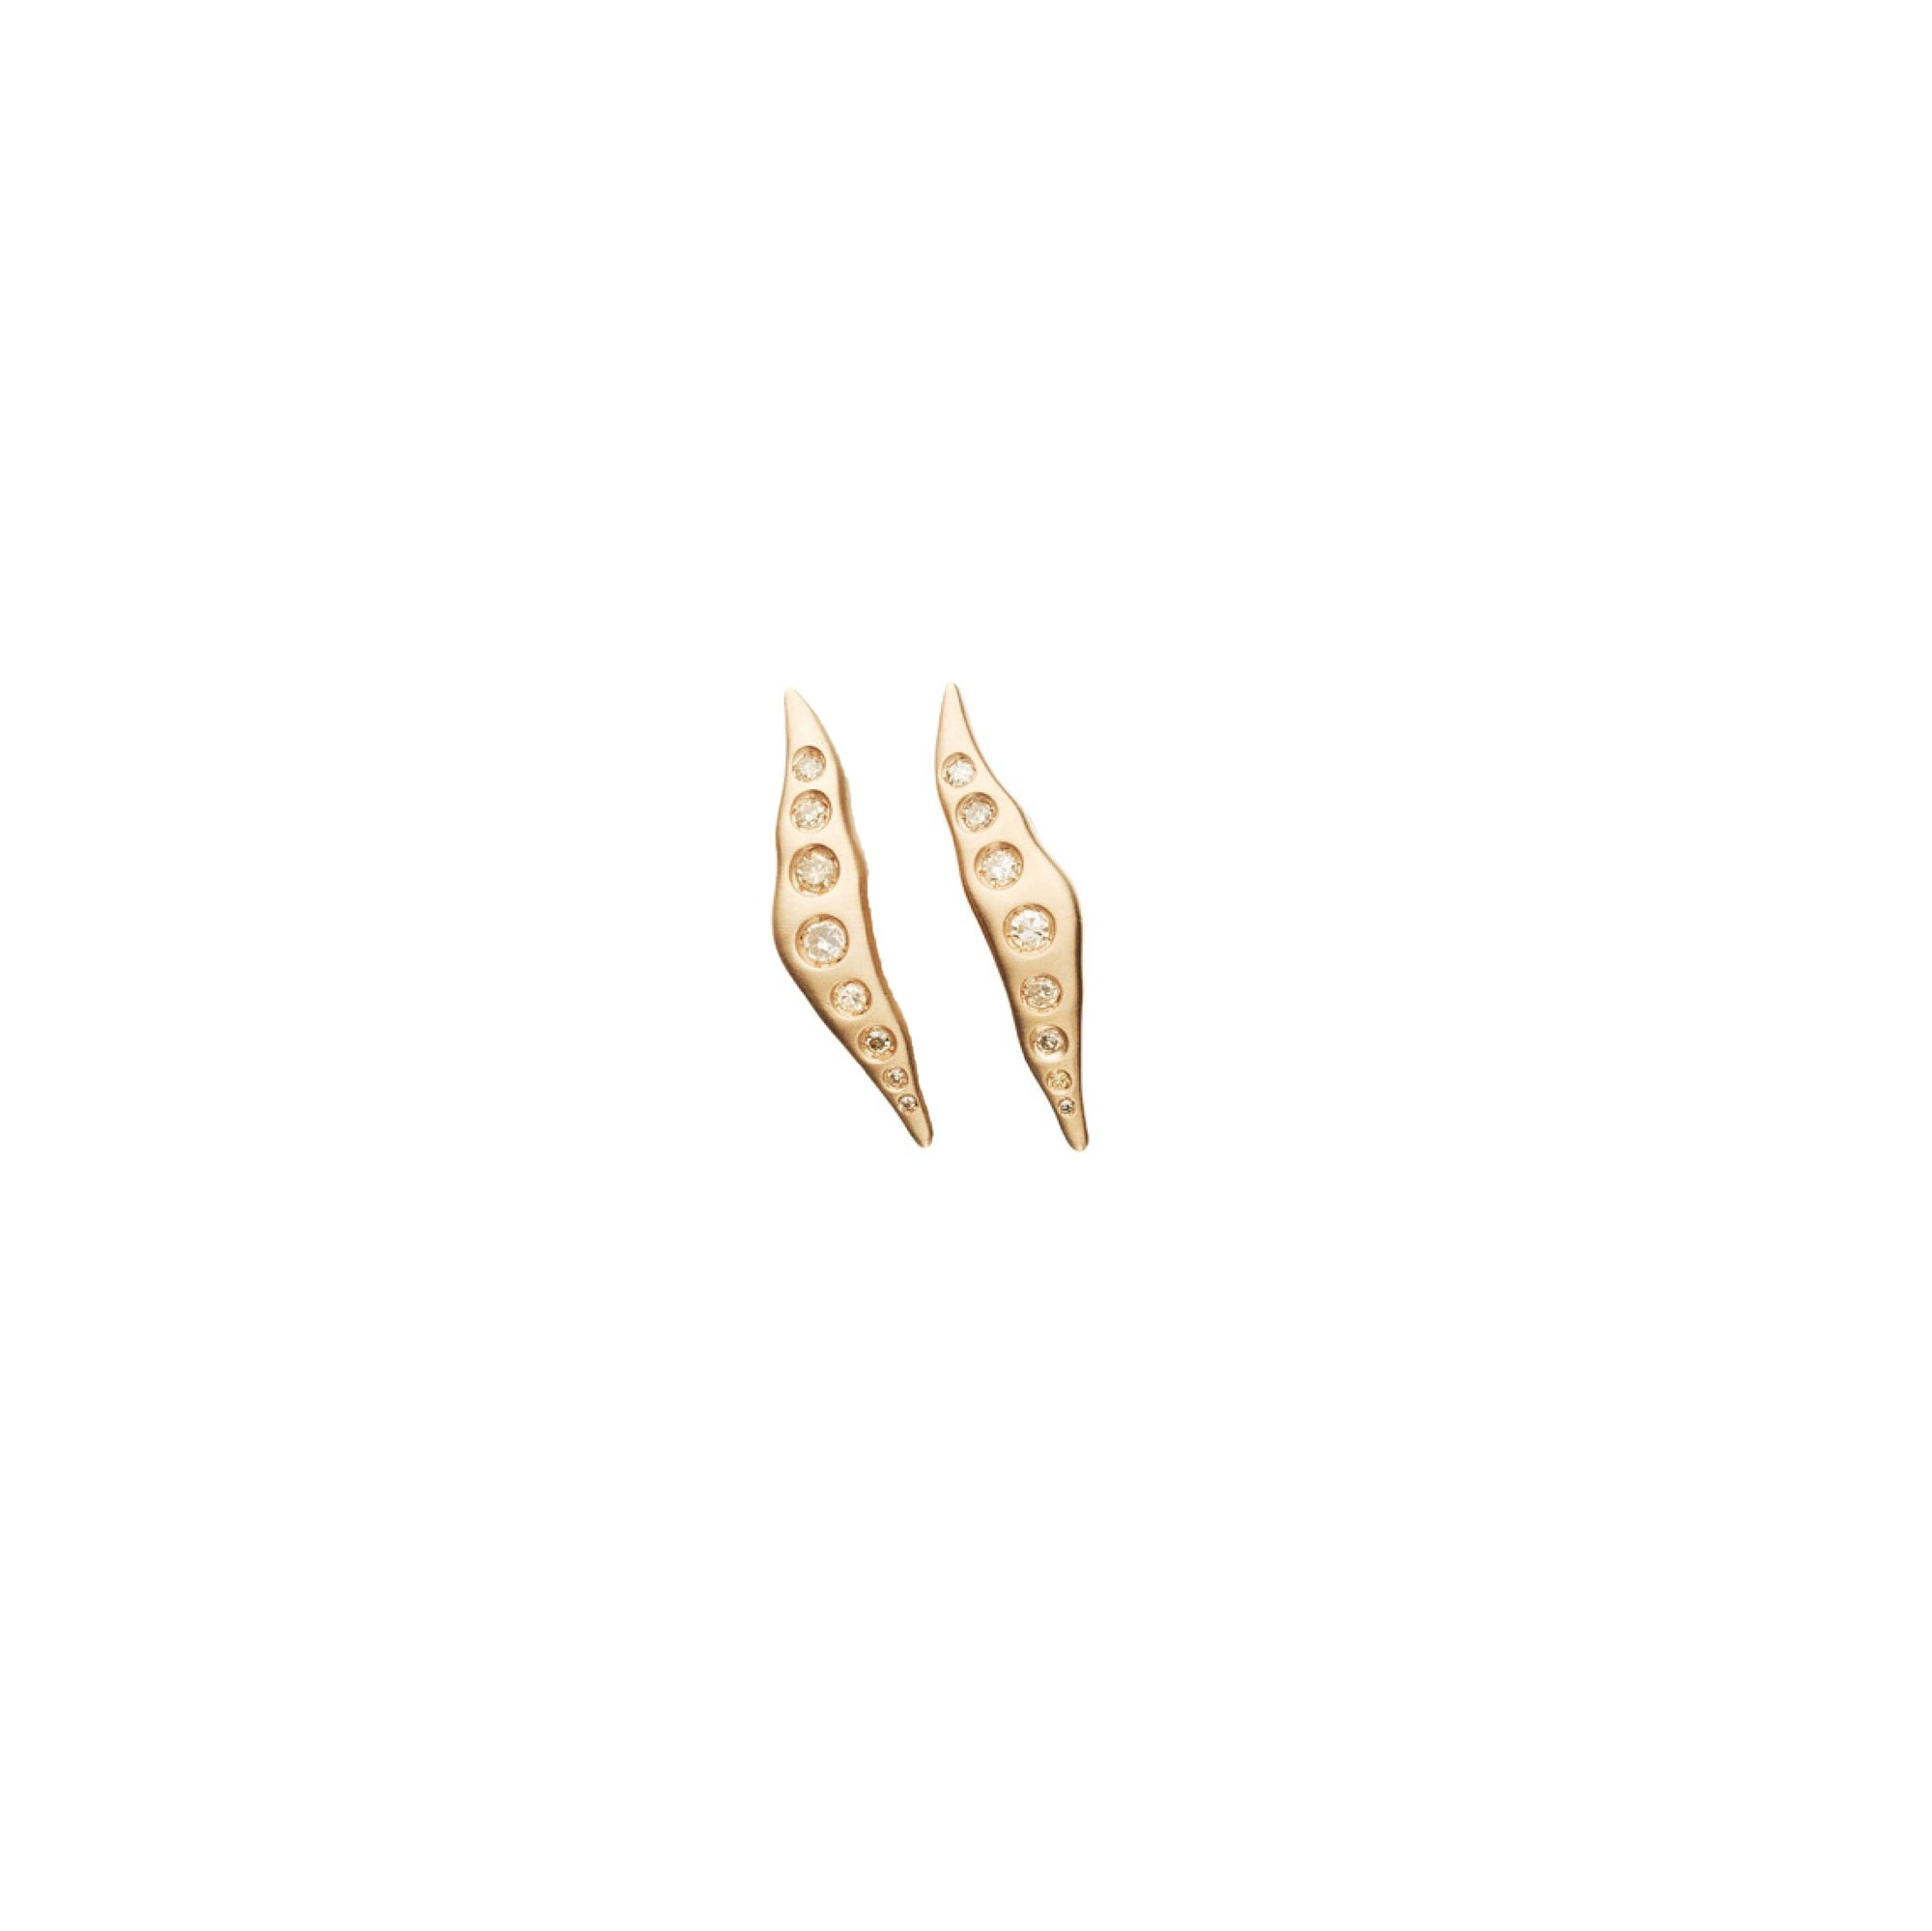 EAR-143911